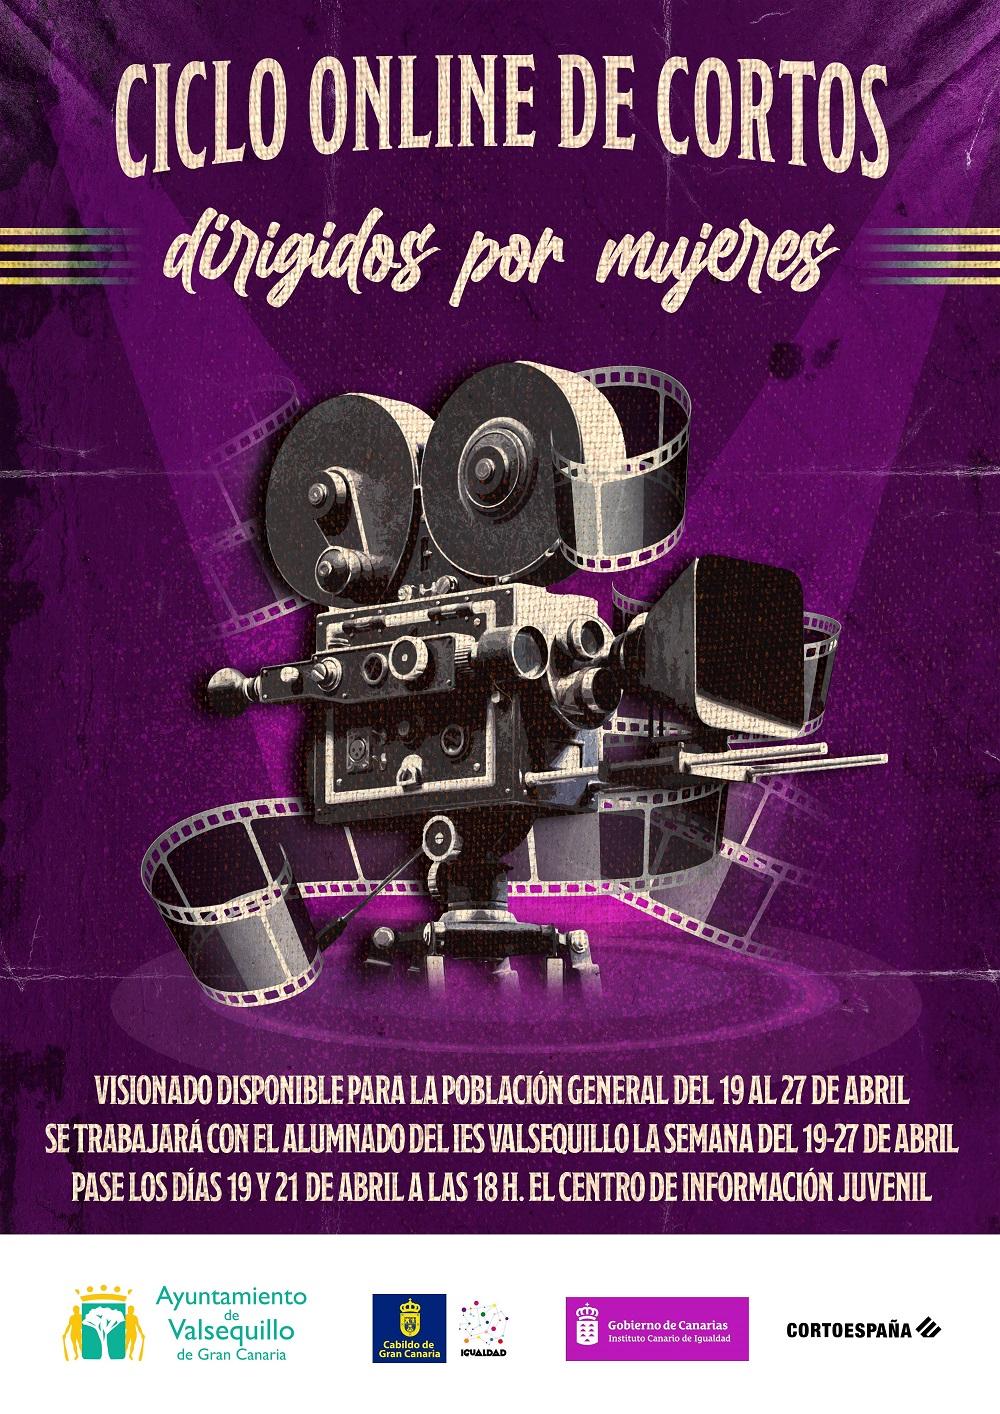 """Featured image for """"El Ayuntamiento de Valsequillo de Gran Canaria organiza un ciclo online de cortometrajes dirigidos por mujeres"""""""